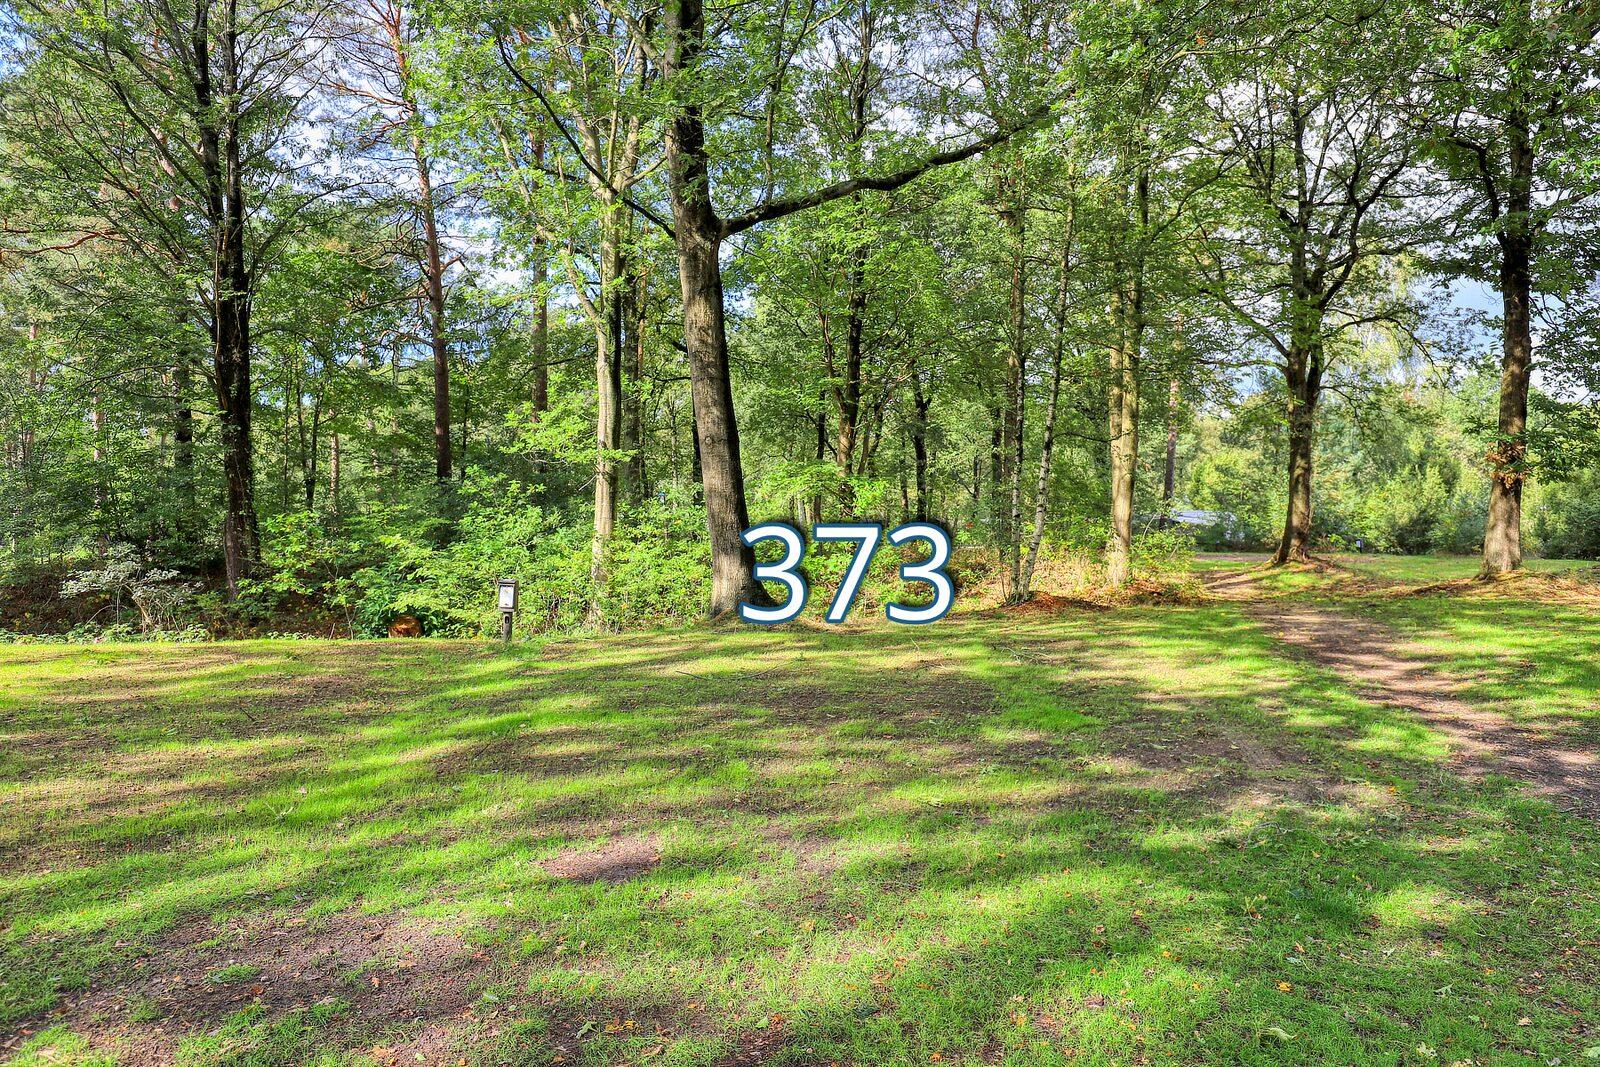 houtduif 373